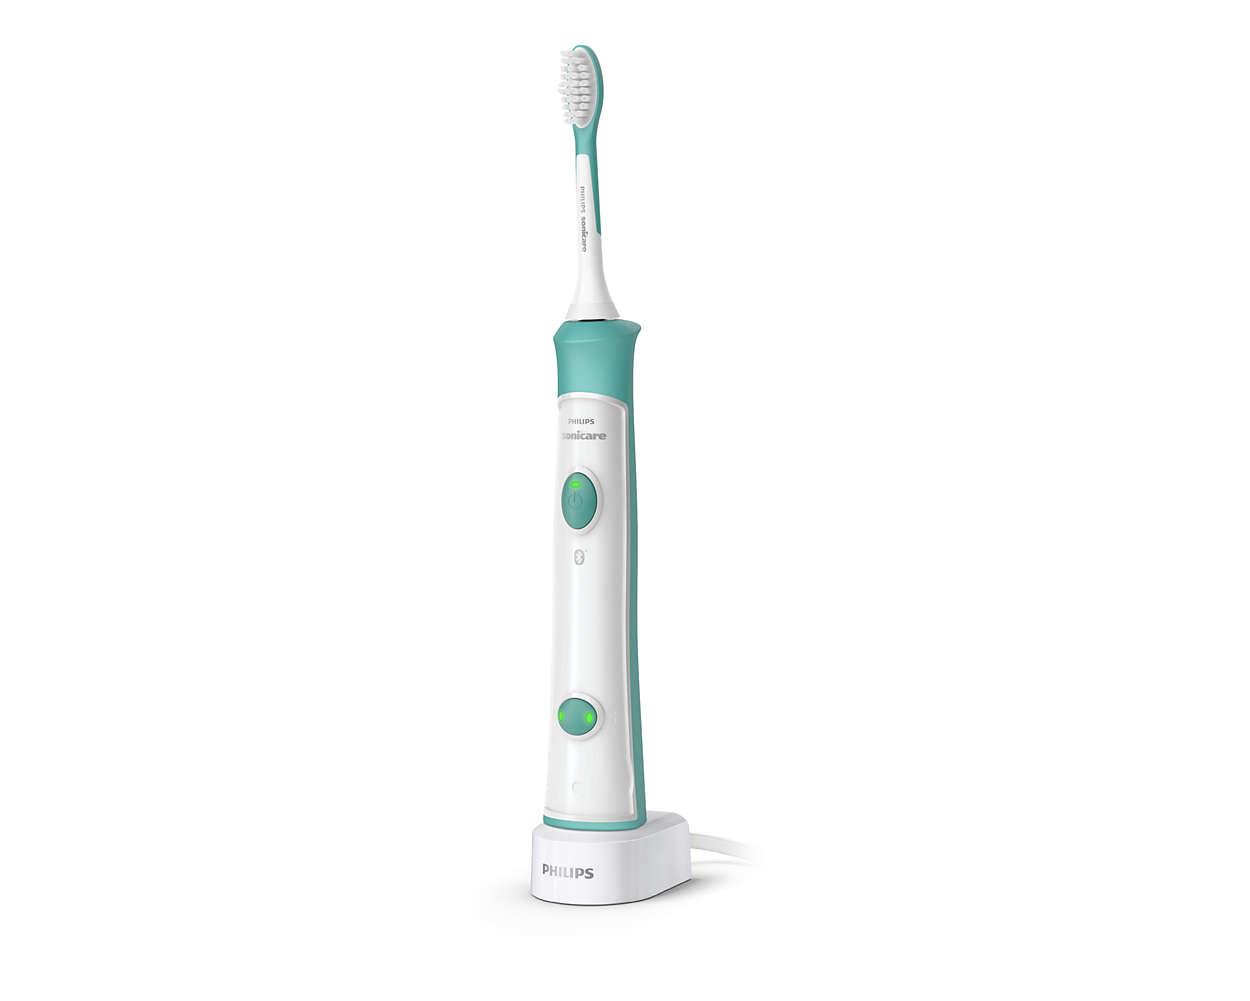 A szónikus fogkefe segít megtanulni a fogmosási rutint